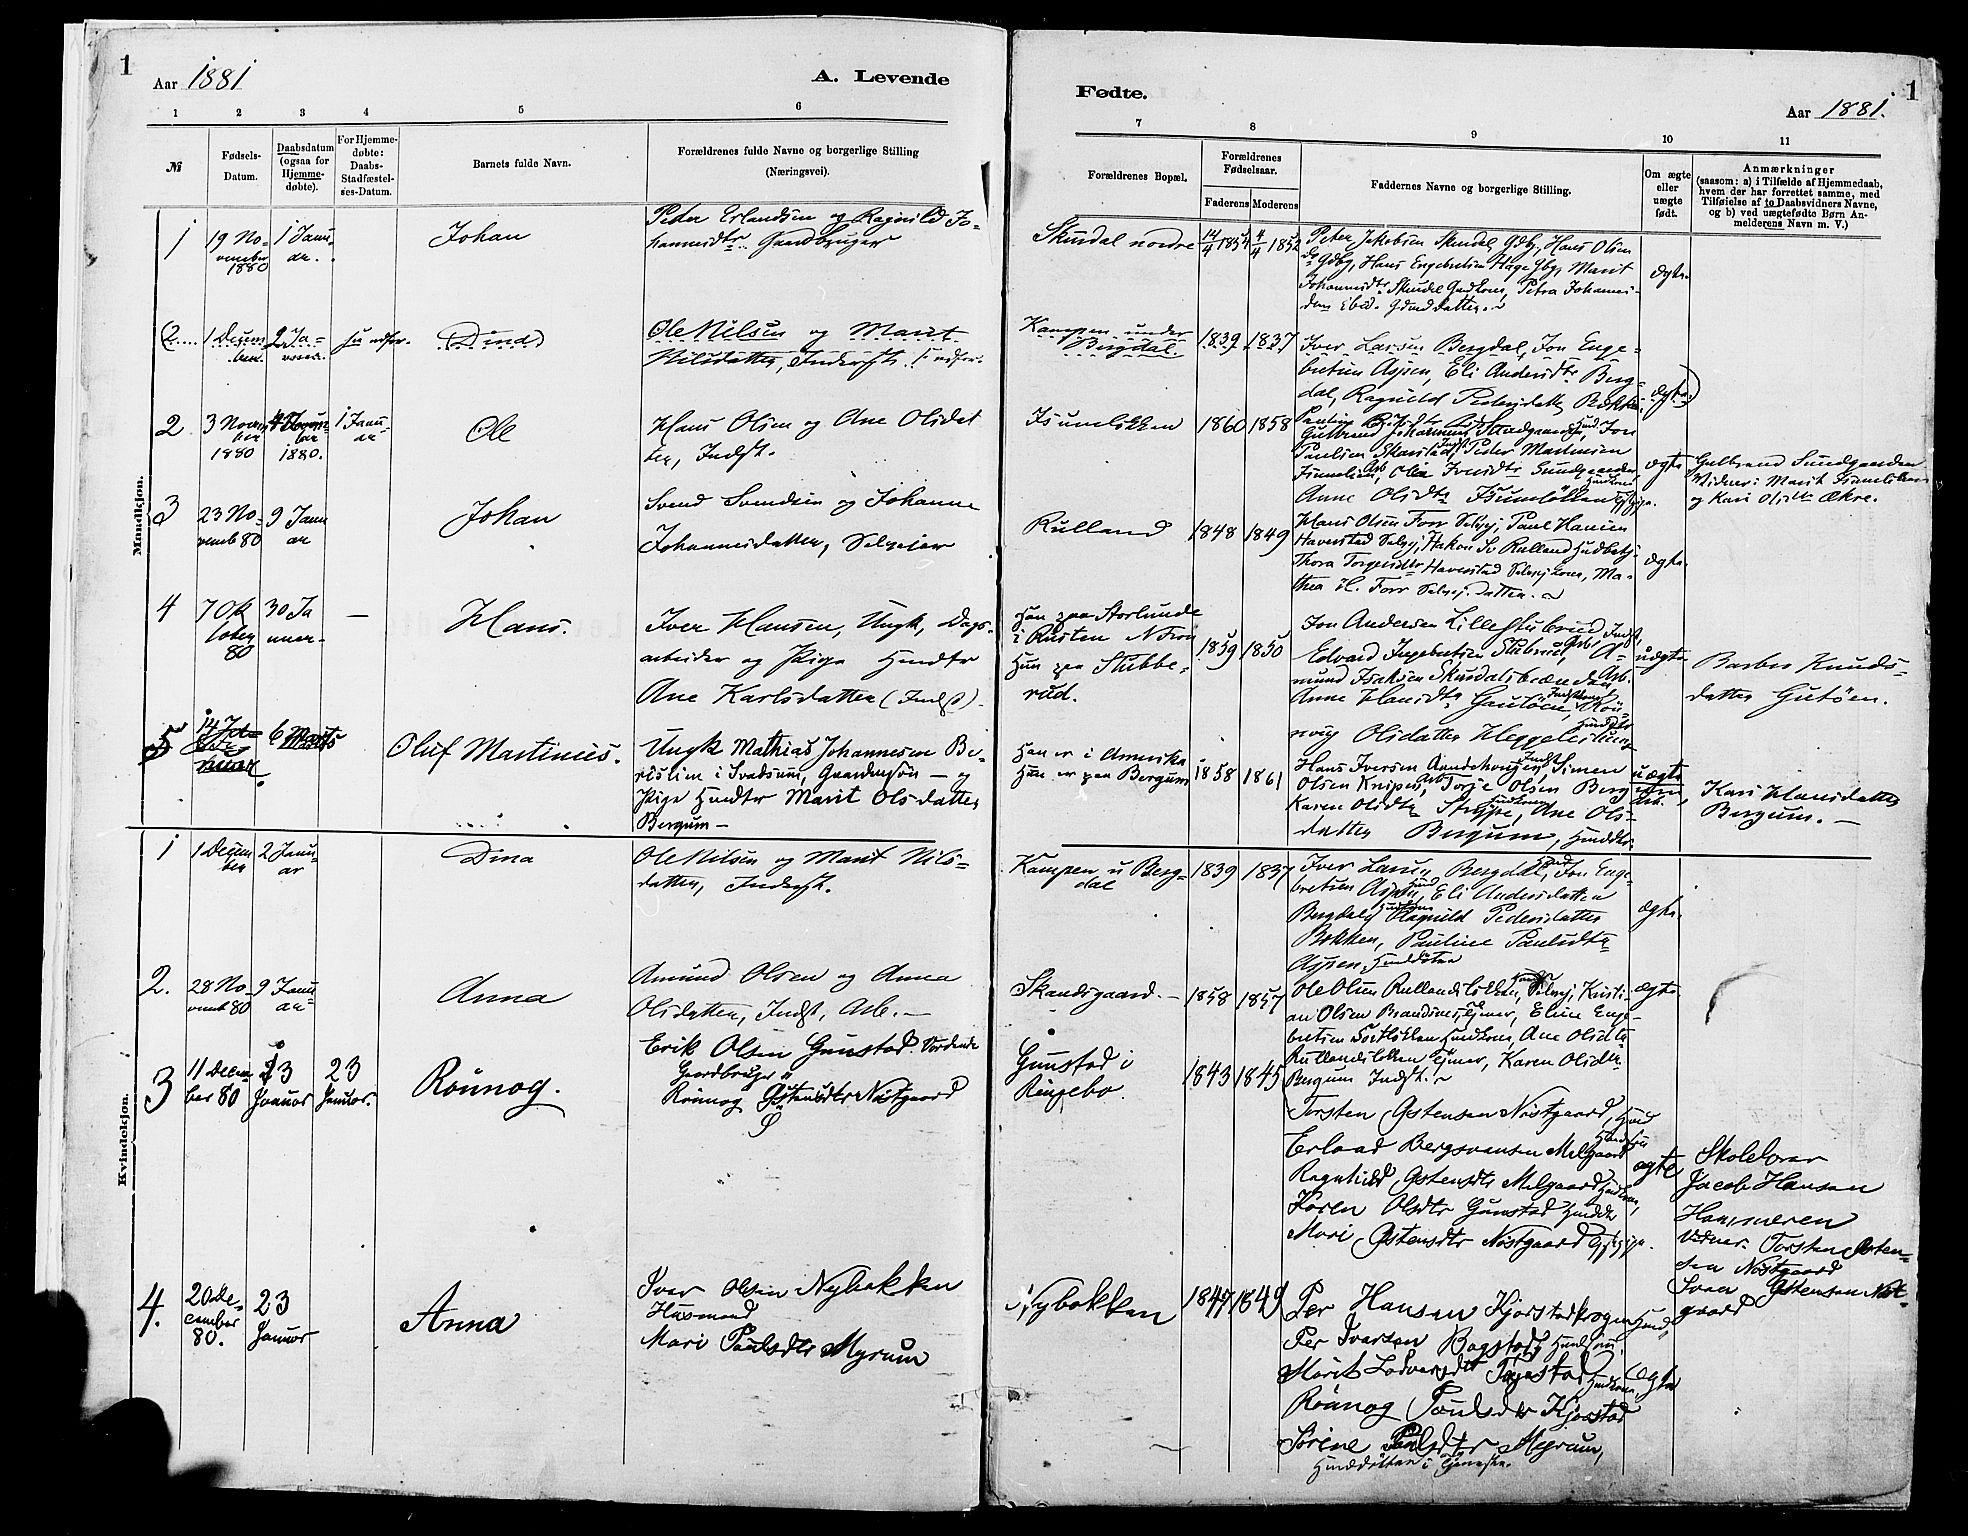 SAH, Sør-Fron prestekontor, H/Ha/Haa/L0003: Ministerialbok nr. 3, 1881-1897, s. 1